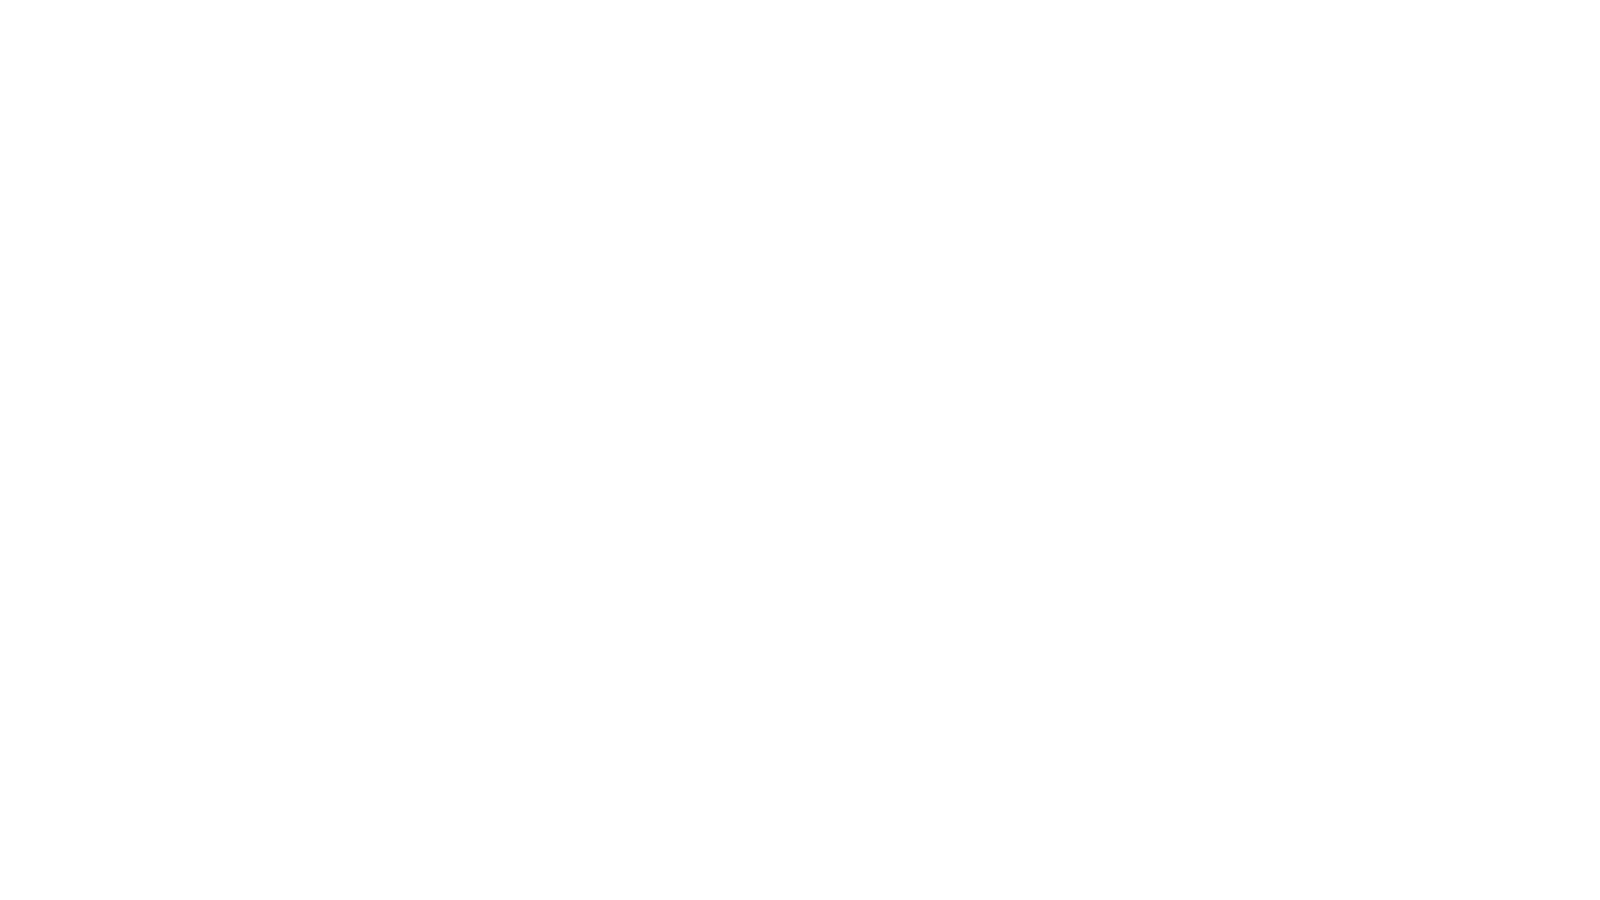 """3 pillole info-formative sulla mediazione nei luoghi di lavoro offerte dal servizio di mediazione aziendale Workfare della Cooperativa Fratelli è Possibile.Una breve chiacchierata piacevole da ascoltare, quella tra la Dott.ssa Sara Bonacini, Mediatrice Aziendale e Responsabile dei servizi Wokfare e la Dott.ssa Katuscia Giordano, Psicologa della Comunicazione, pensata per mettere a disposizione ulteriori risorse sull'argomento, risultato essere di grande interesse durante la tavola rotonda precedentemente organizzata, dal titolo """"Il coraggio al tempo delle sfide: fare comunità attraverso i valori aziendali"""",  trasmessa in diretta dagli studi di Icaro Tv, per creare un momento di confronto e di riflessione sui temi del lavoro e dell'economia, attraversando argomenti come la responsabilità sociale d'impresa, l'integrazione culturale e la sostenibilità ambientale.Nel corso dell'intervista si sono toccati 3 temi principali:- Le relazioni difficili in azienda: cosa si può fare e come si possono affrontare;- I tools del mediatore aziendale: quali sono gli strumenti che possono aiutare le aziende nelle loro sfide quotidiane;- Innovazione etica e sociale: il Metodo Workfare.Quando si pensa all'innovazione la mente corre subito alla tecnologia, ma c'è anche un'innovazione spinta dai bisogni umani: l'innovazione etica e sociale. Per questo la Cooperativa Fratelli è Possibile ha creato il servizio di mediazione """"Workfare è Possibile"""", che da anni si pone al fianco di manager, imprenditori e cooperatori, per lo sviluppo di azioni volte a incrementare il benessere del collaboratore e dell'azienda, coniugando lavoro e valorizzazione delle persone per creare """"Imprese dal Volto Umano"""" e comunità di vita, oltre che di lavoro.Per ricevere maggiori informazioni sui servizi di Workfare è Possibile scrivi a: info@workfarepossibile.itPer saperne di più: www.fratellipossibile.itL'iniziativa fa parte del progetto """"Un futuro possibile: riflessioni su una società inclusiva e sostenibile"""", rea"""